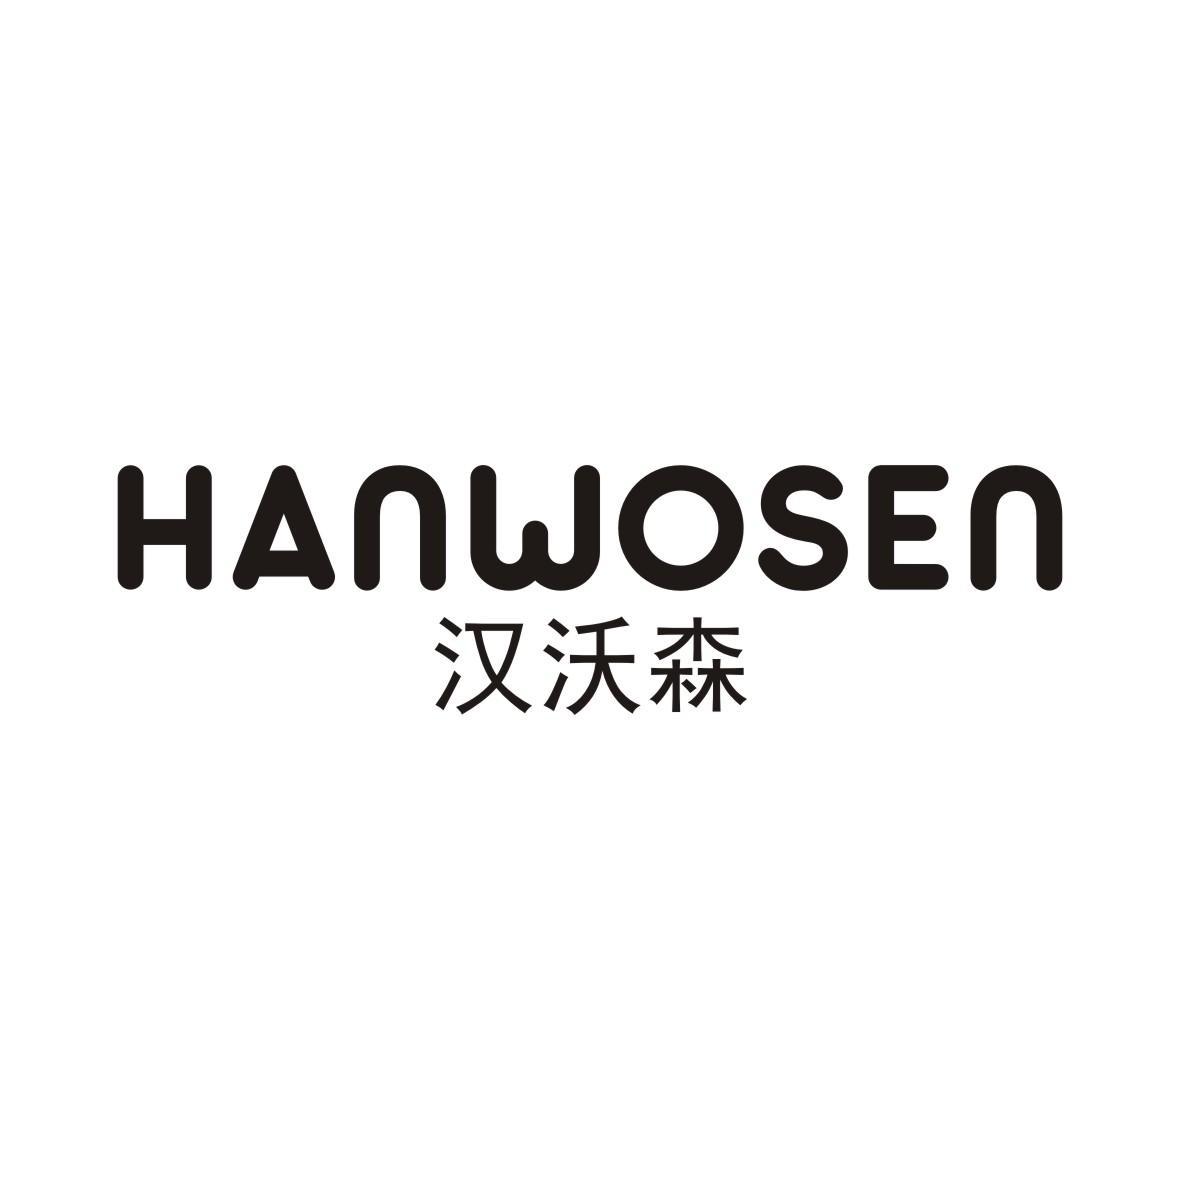 转让商标-汉沃森